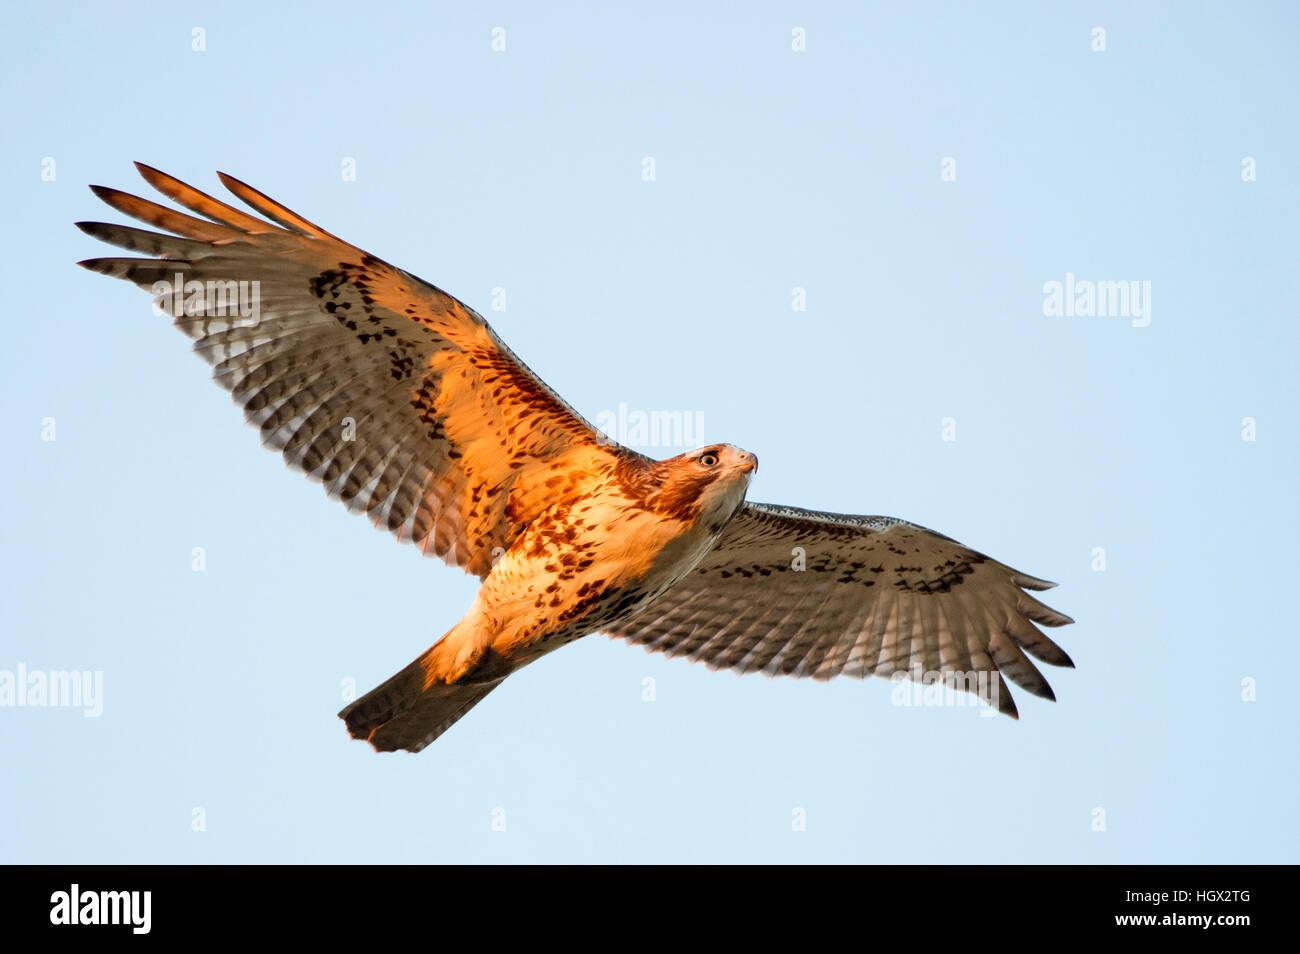 Ein rot - angebundener Falke fliegt overhead wie am ersten Morgen scheint die Sonne auf seinem Körper. Stockbild